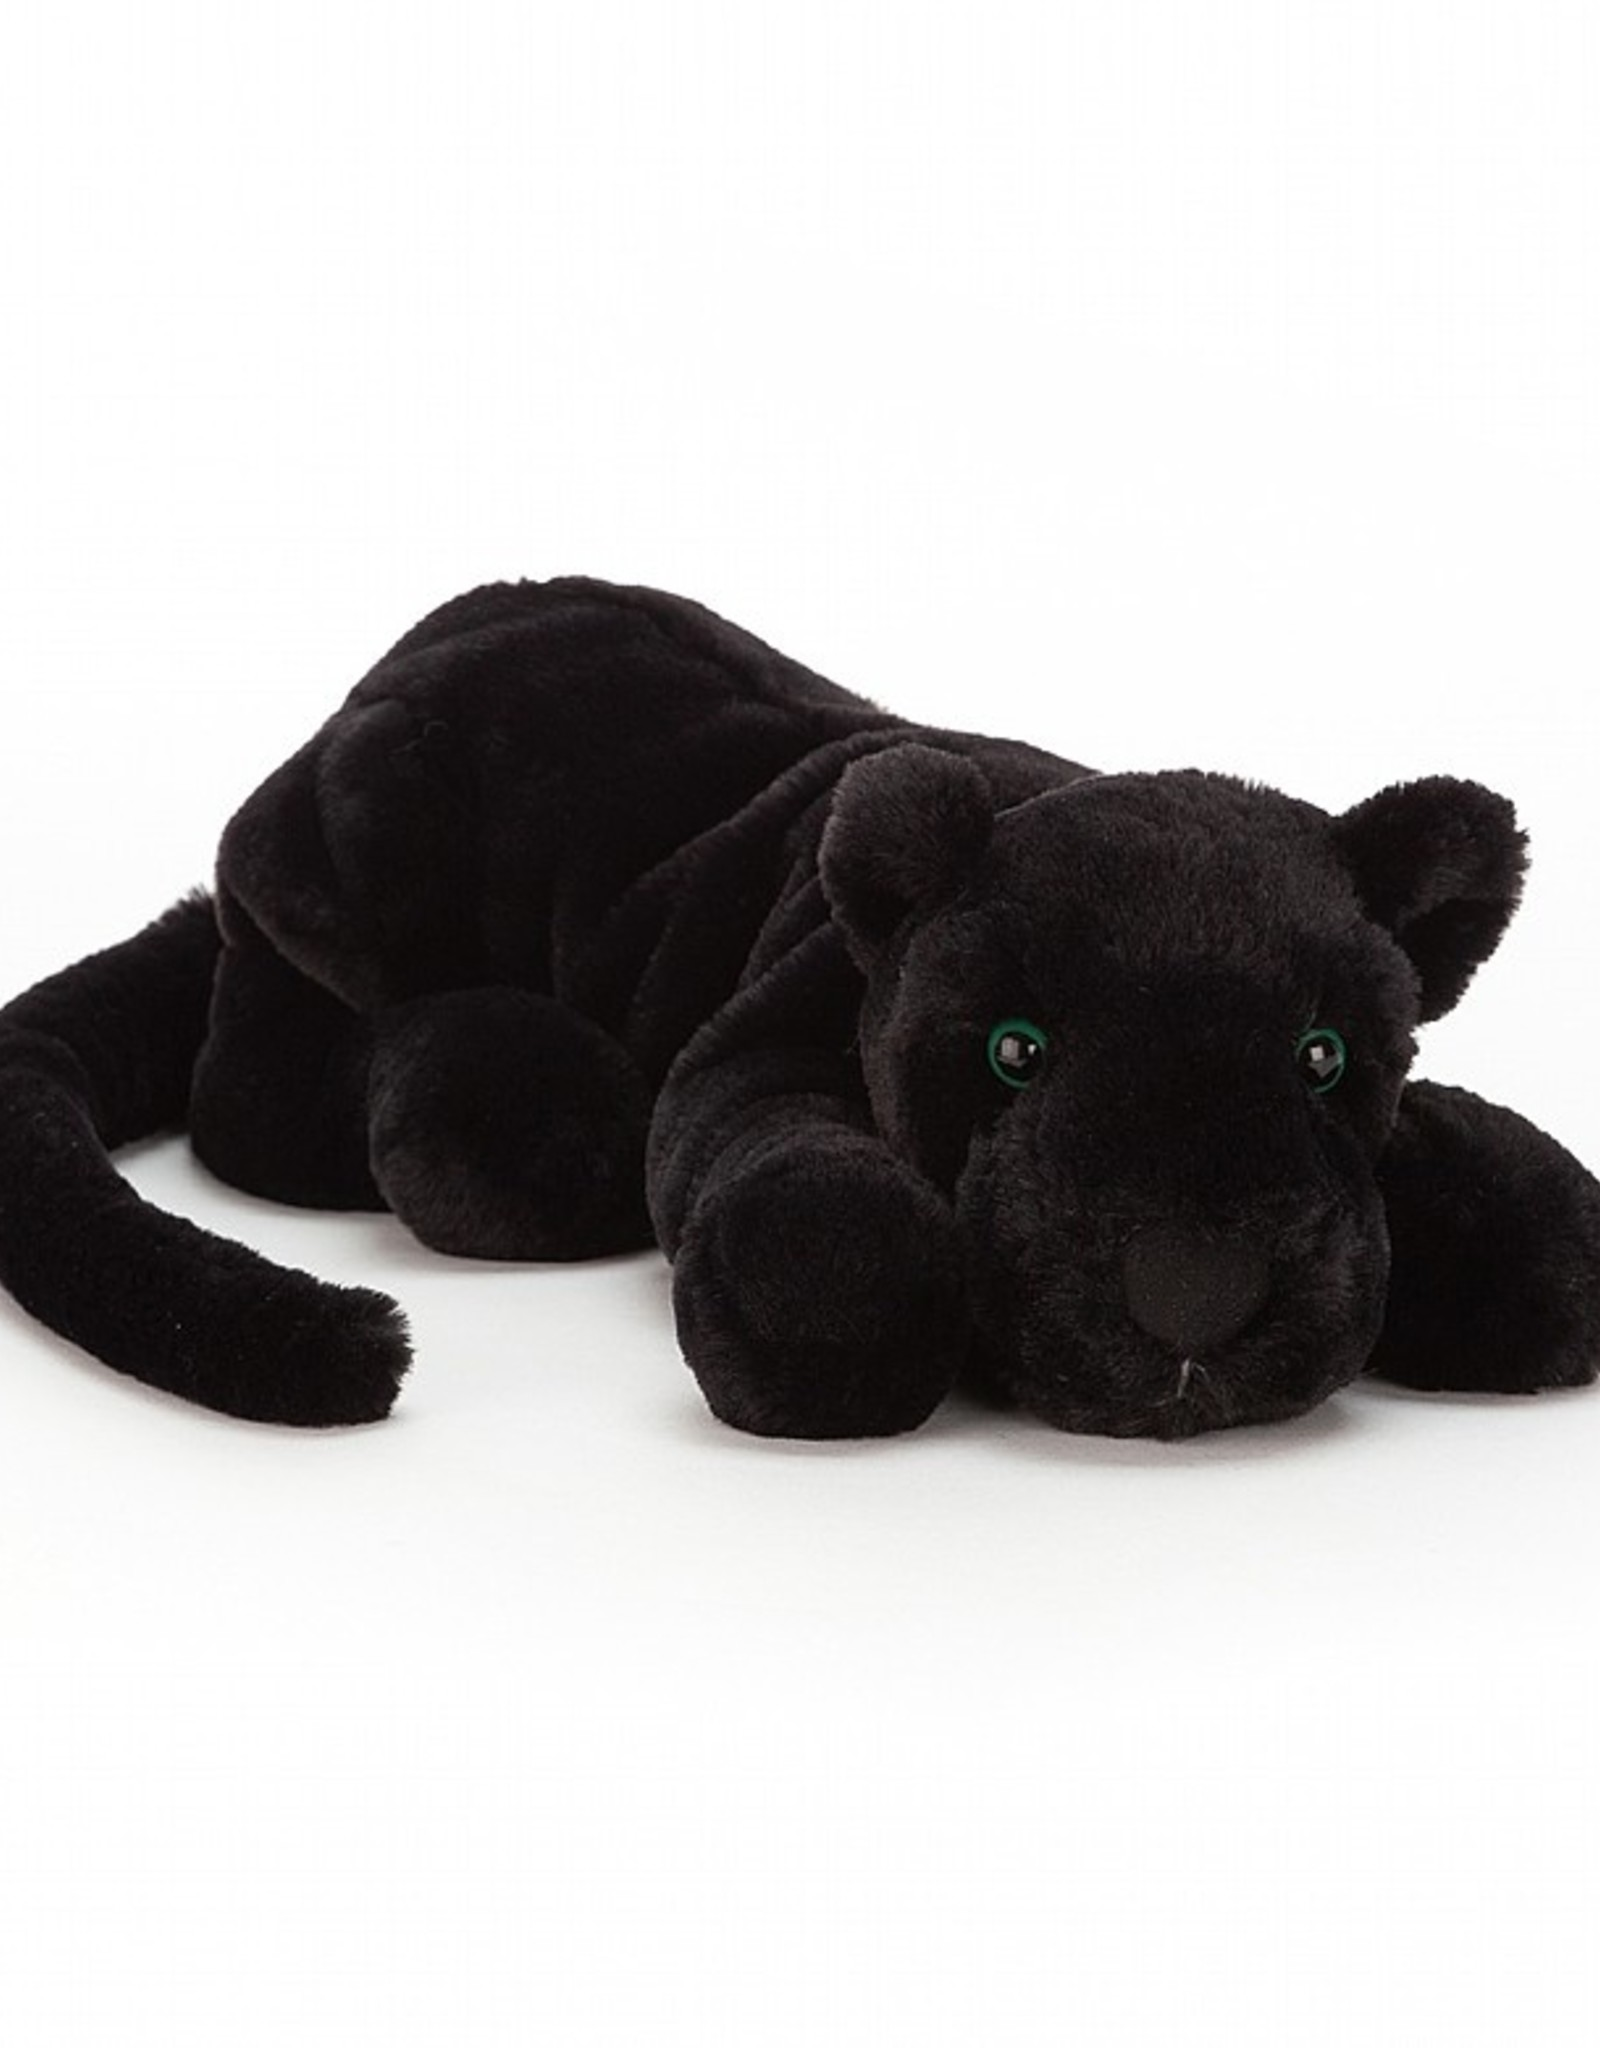 JellyCat Scrumptious Paris Panther